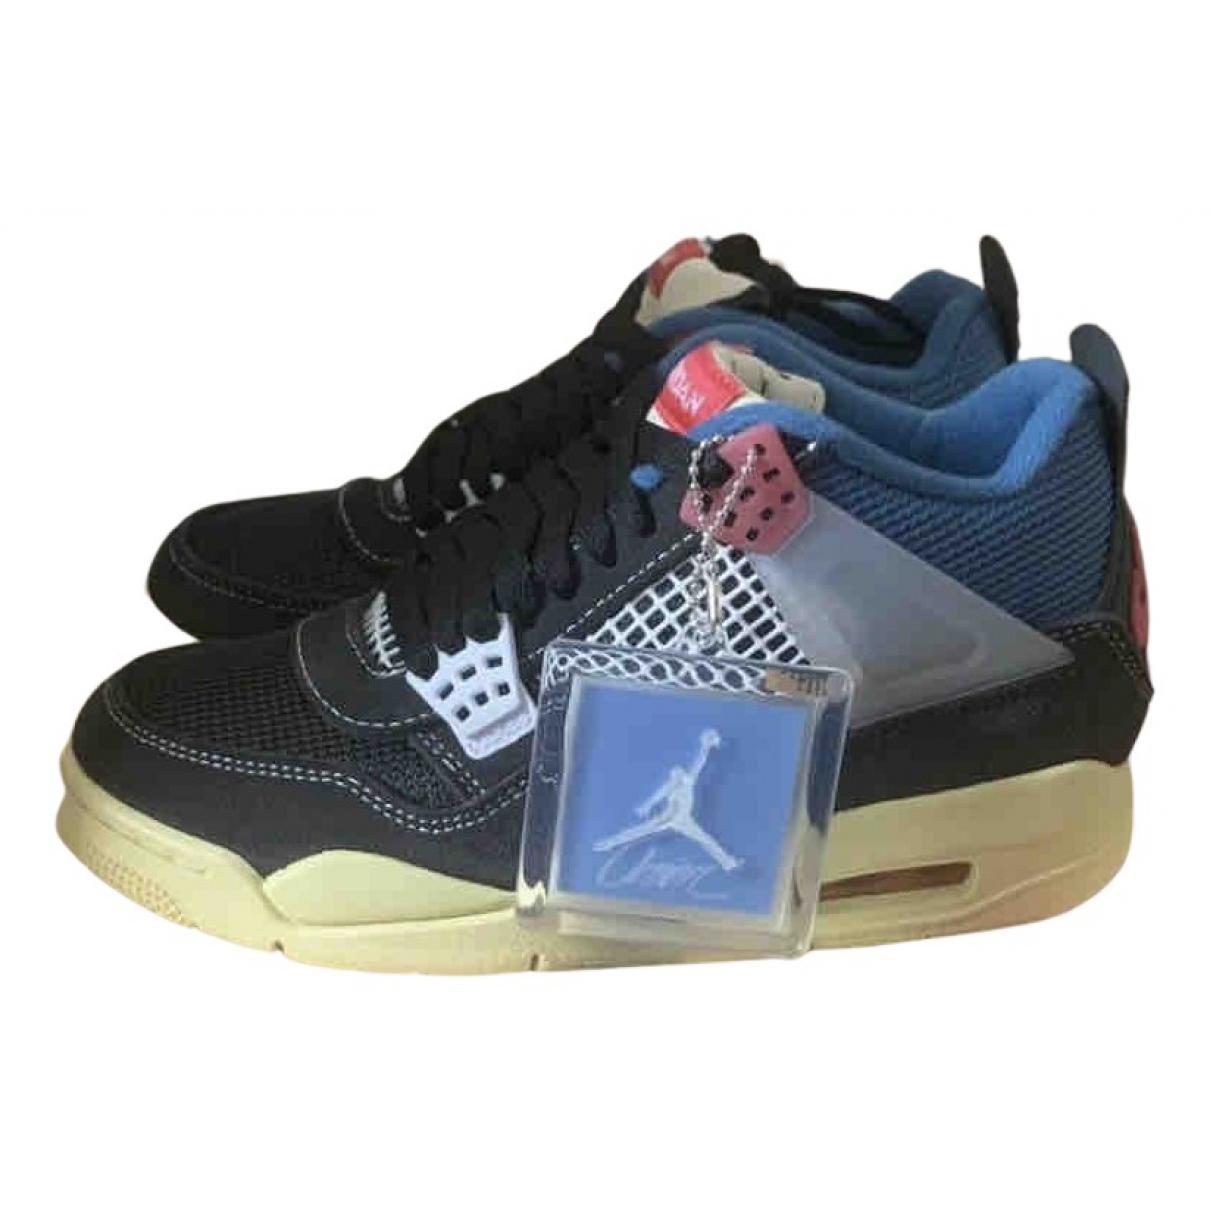 Jordan Air Jordan 4 Sneakers in  Bunt Veloursleder